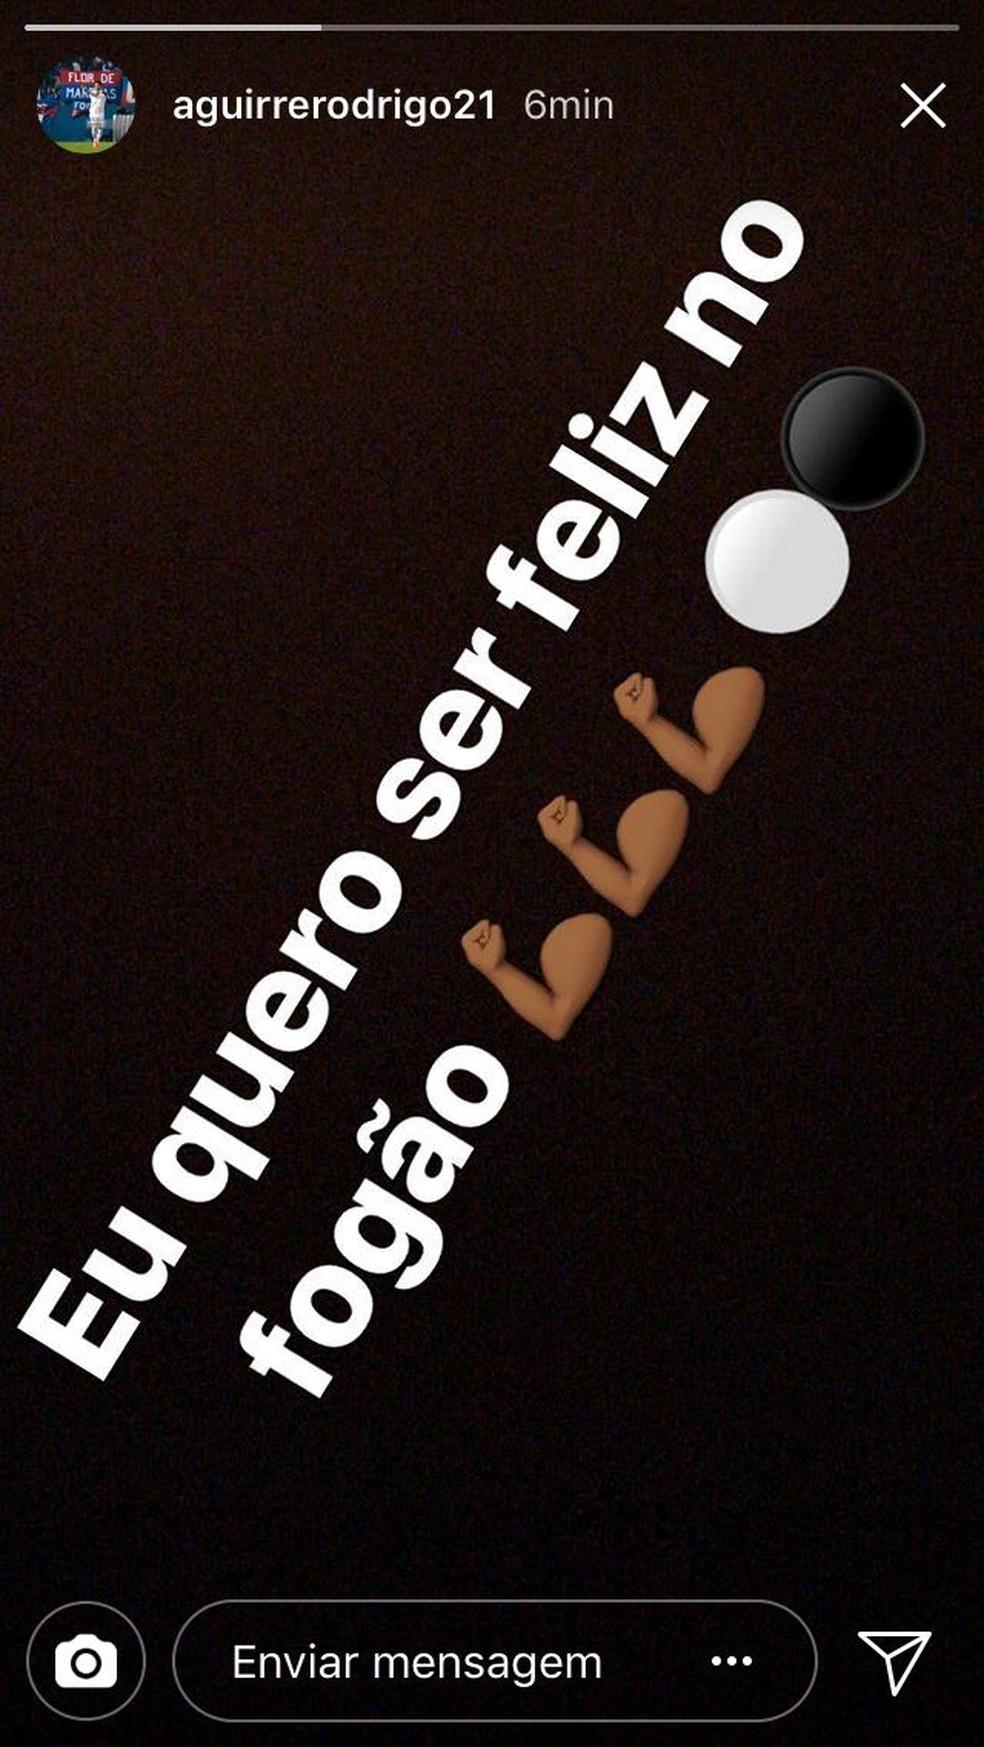 Uruguaio declarou publicamente sua vontade de jogar pelo Botafogo (Foto: Reprodução)